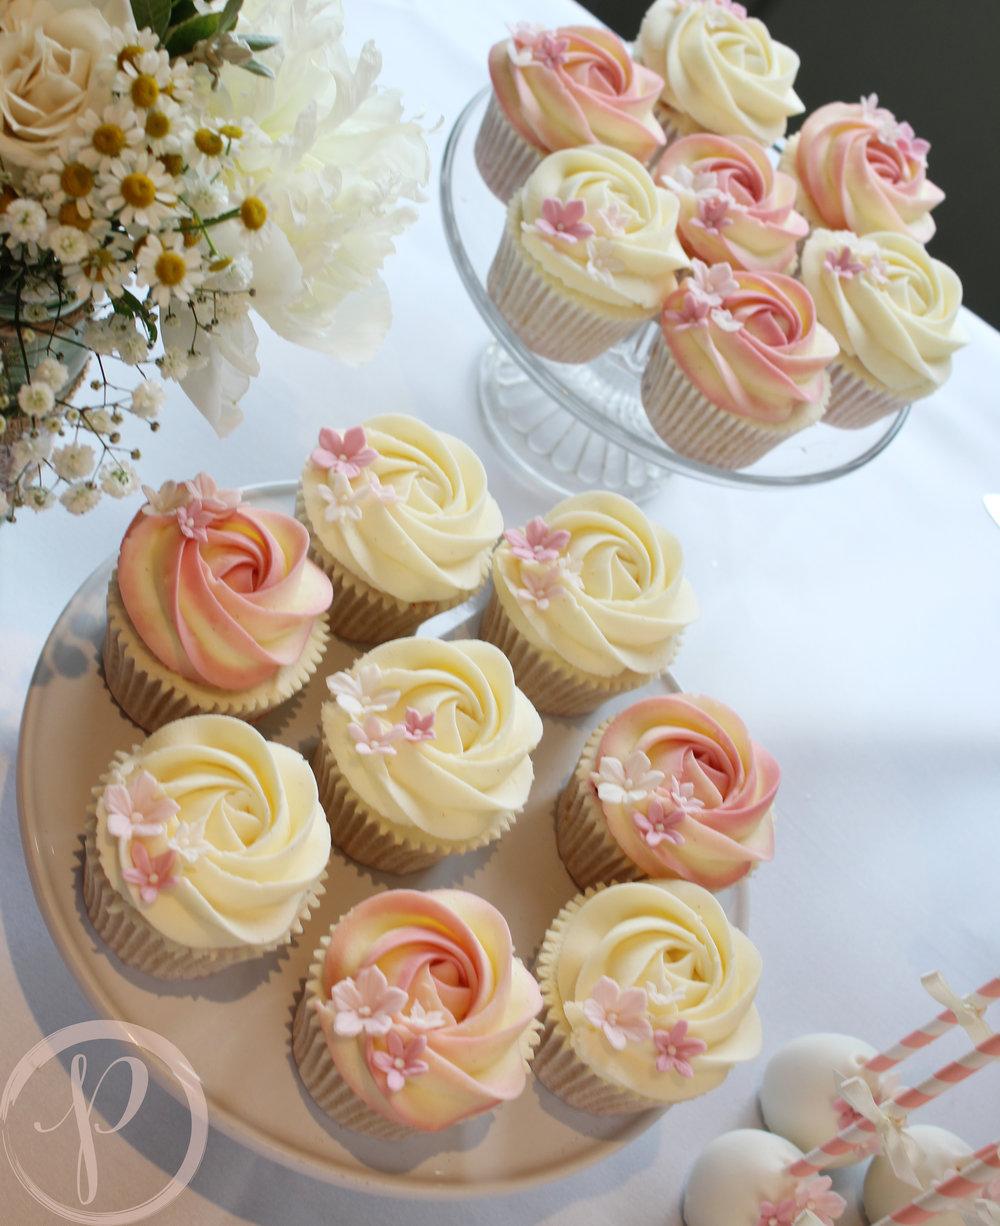 blush rose wedding cupcakes.jpg